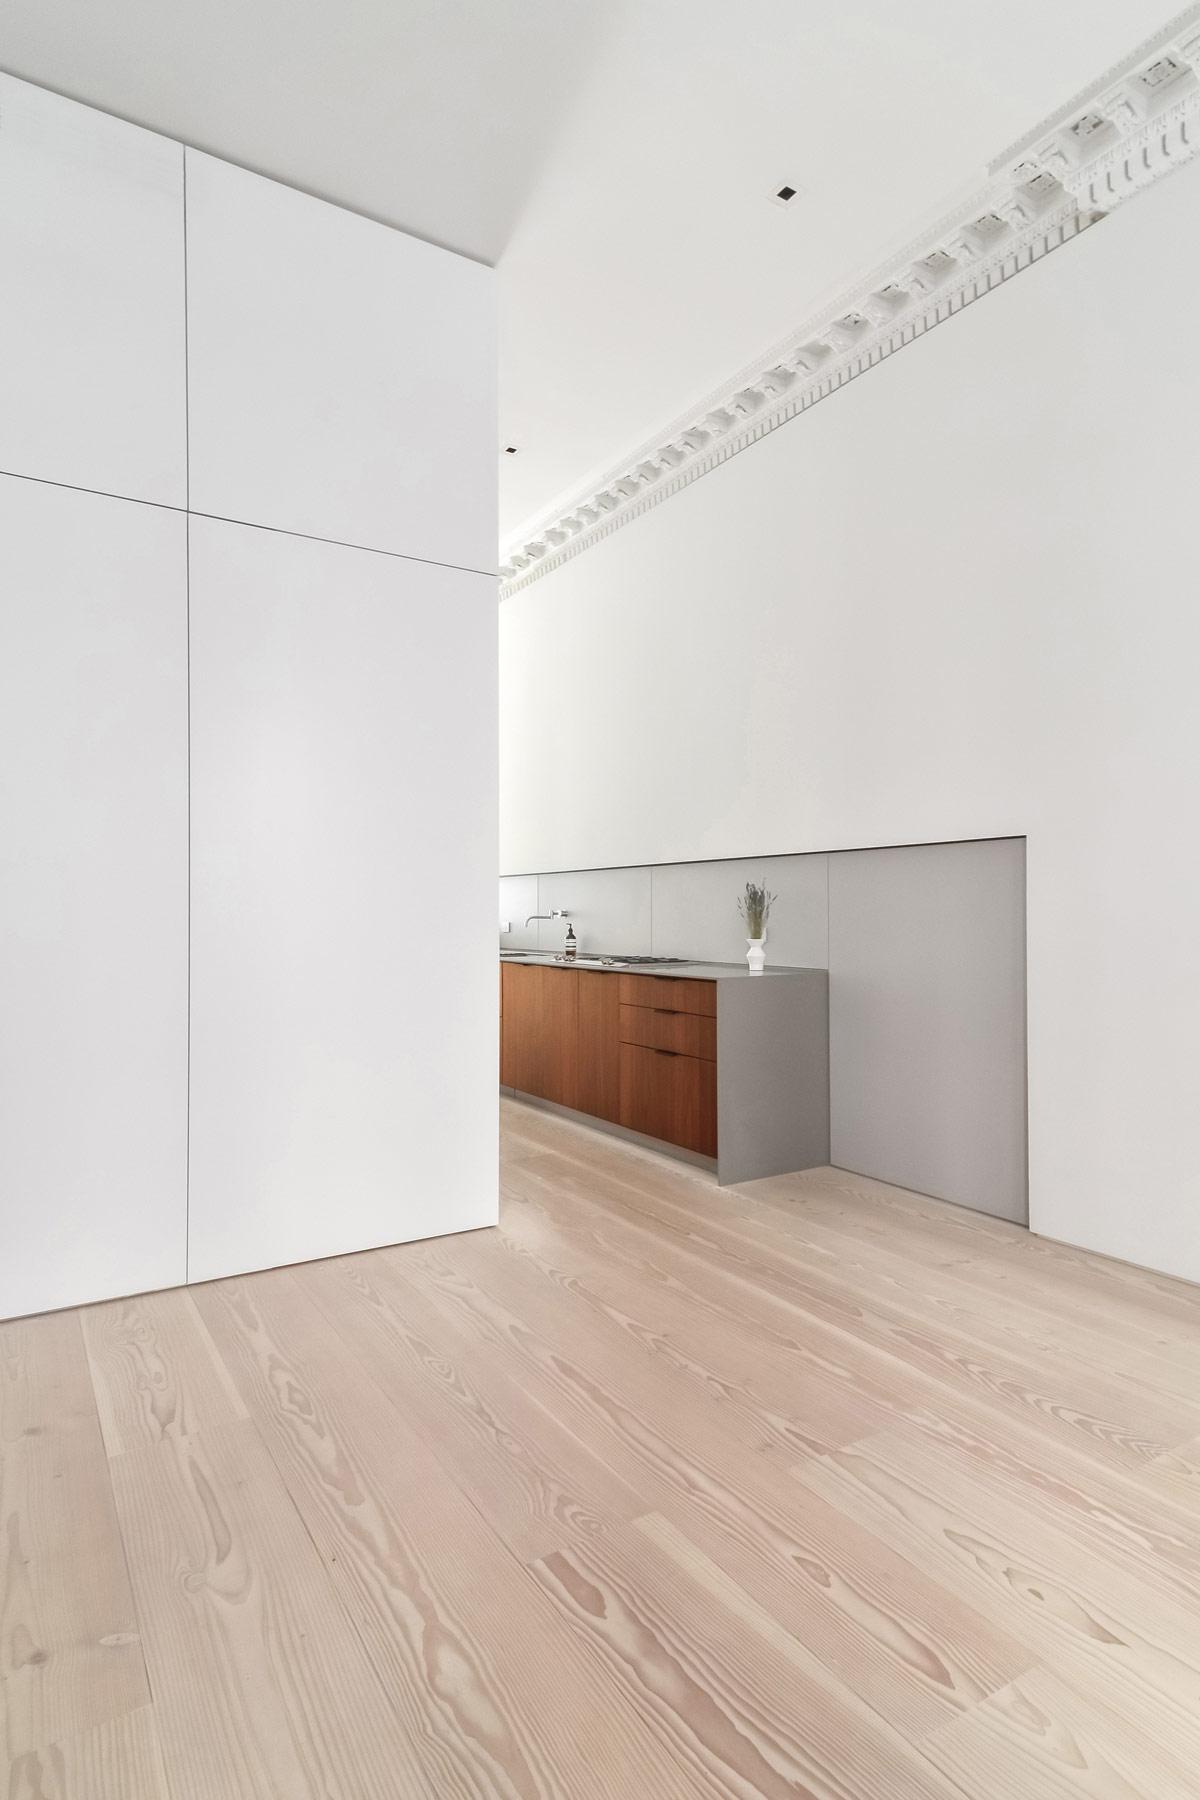 """Dành cho ai có cuộc sống xô bồ, bận rộn: Một không gian sống kết hợp từ bộ đôi """"Scandinavia và sự tối giản của người Nhật"""" sẽ khiến bạn phải vỗ tay hài lòng - Ảnh 7."""